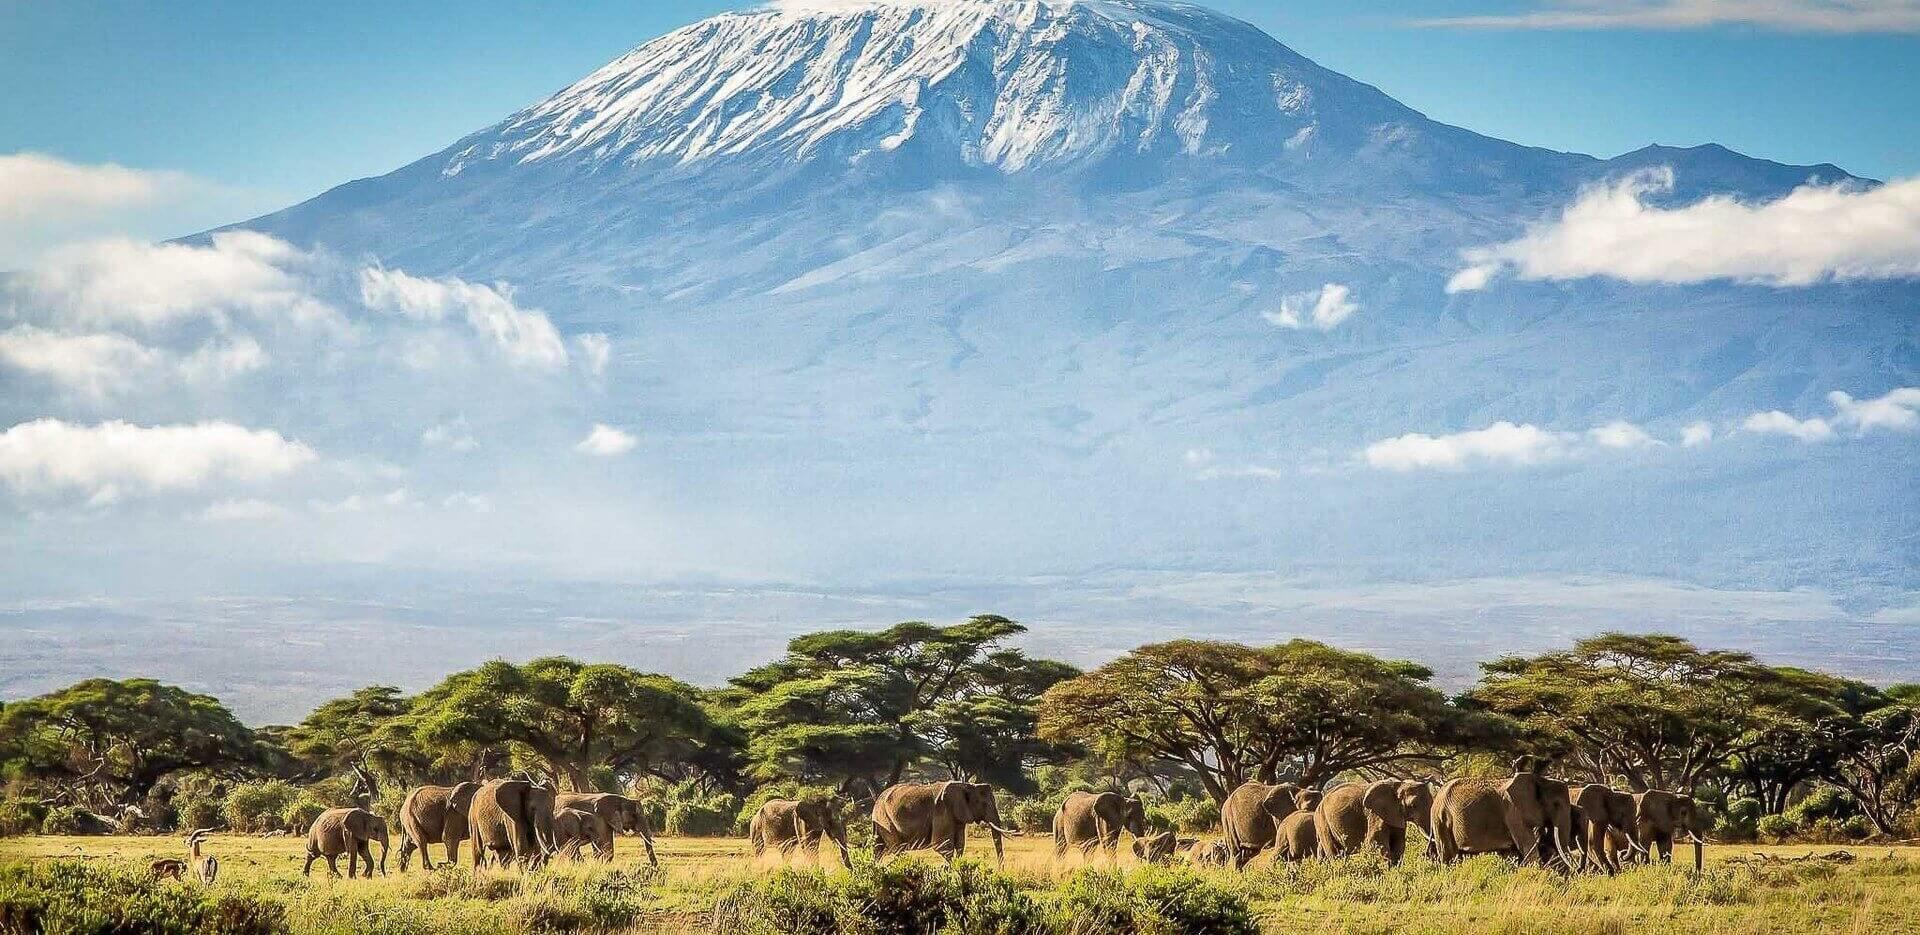 Tanzania safari banner 2